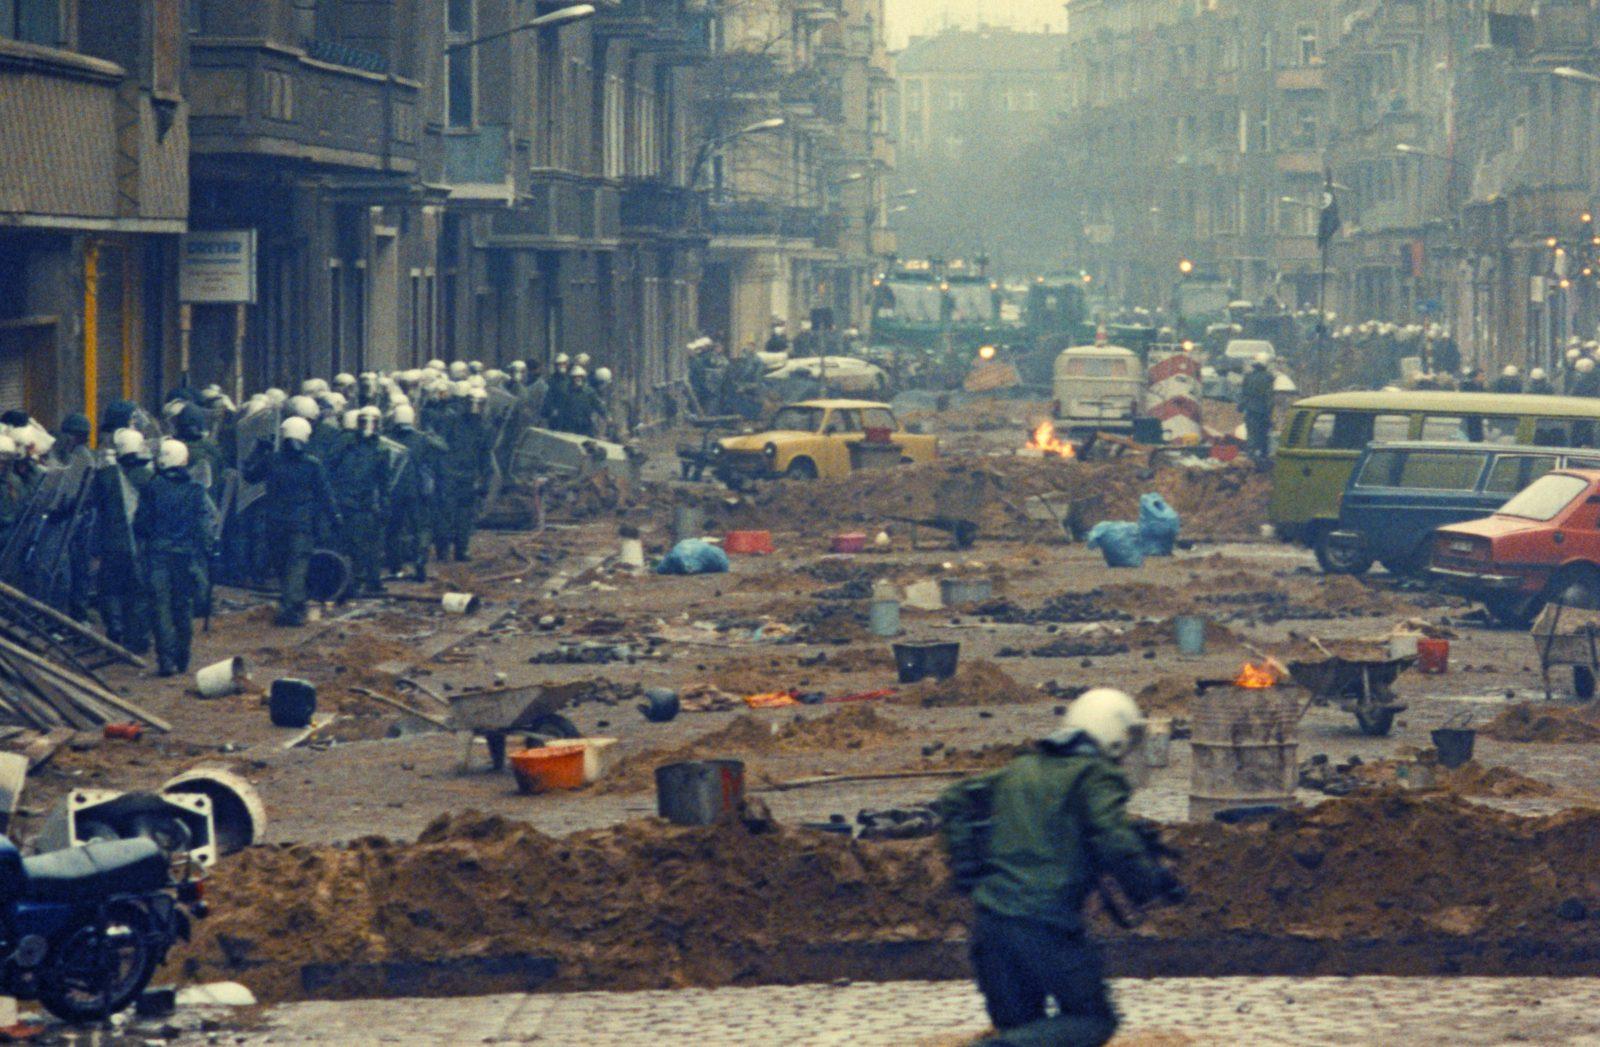 Die Mainzer Straße in Berlin wurde 1990 für mehrere Tage zum Schlachtfeld Foto: picture alliance